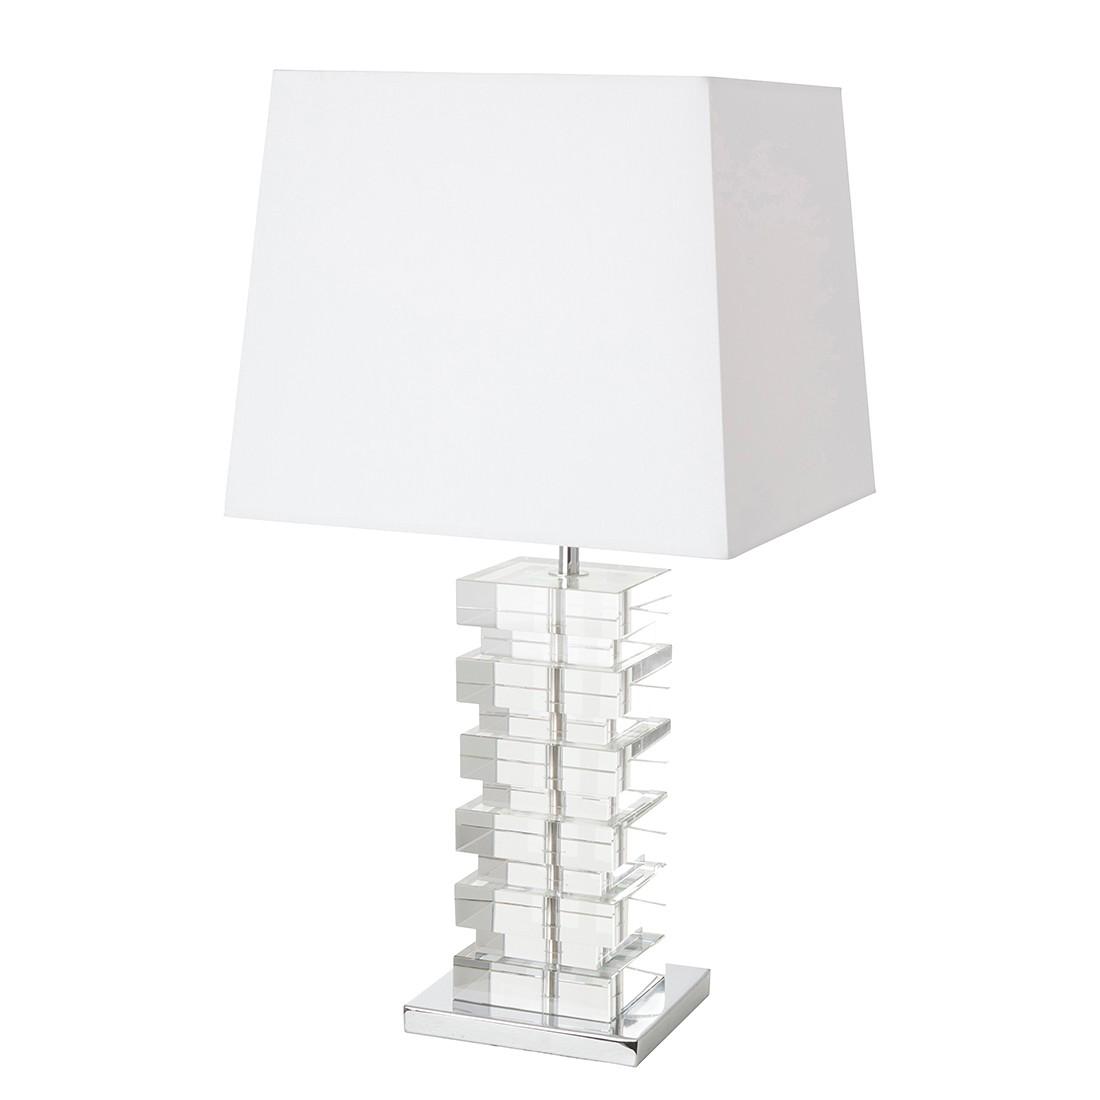 Tischleuchten-Armatur Rechthuy 1-flammig ● Weiß- Steinhauer A++